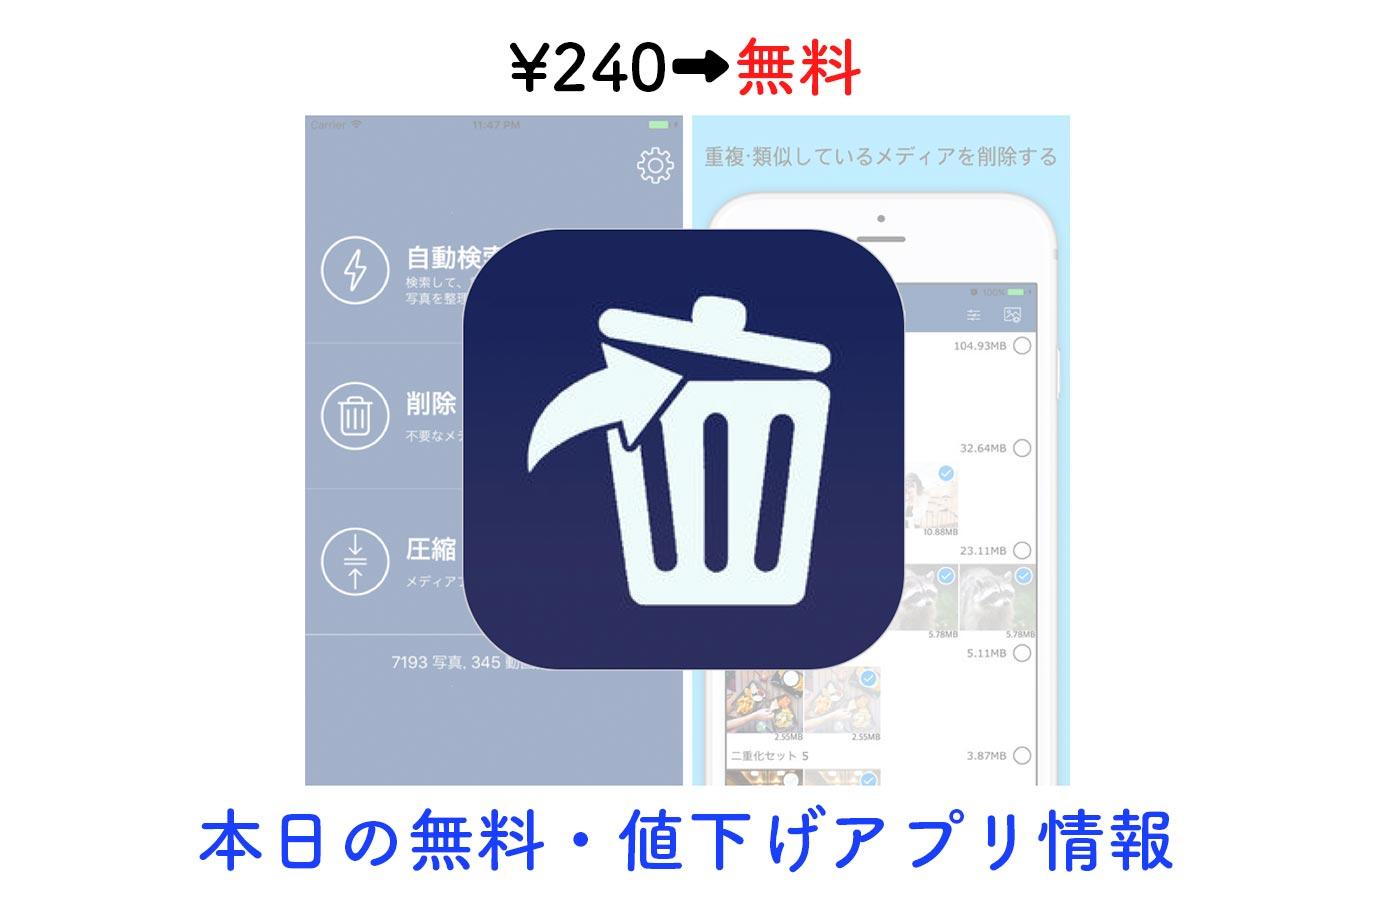 ¥240→無料、重複した写真やビデオなどを整理できる「写真クリーナー」など【11/8】本日の無料・値下げアプリ情報